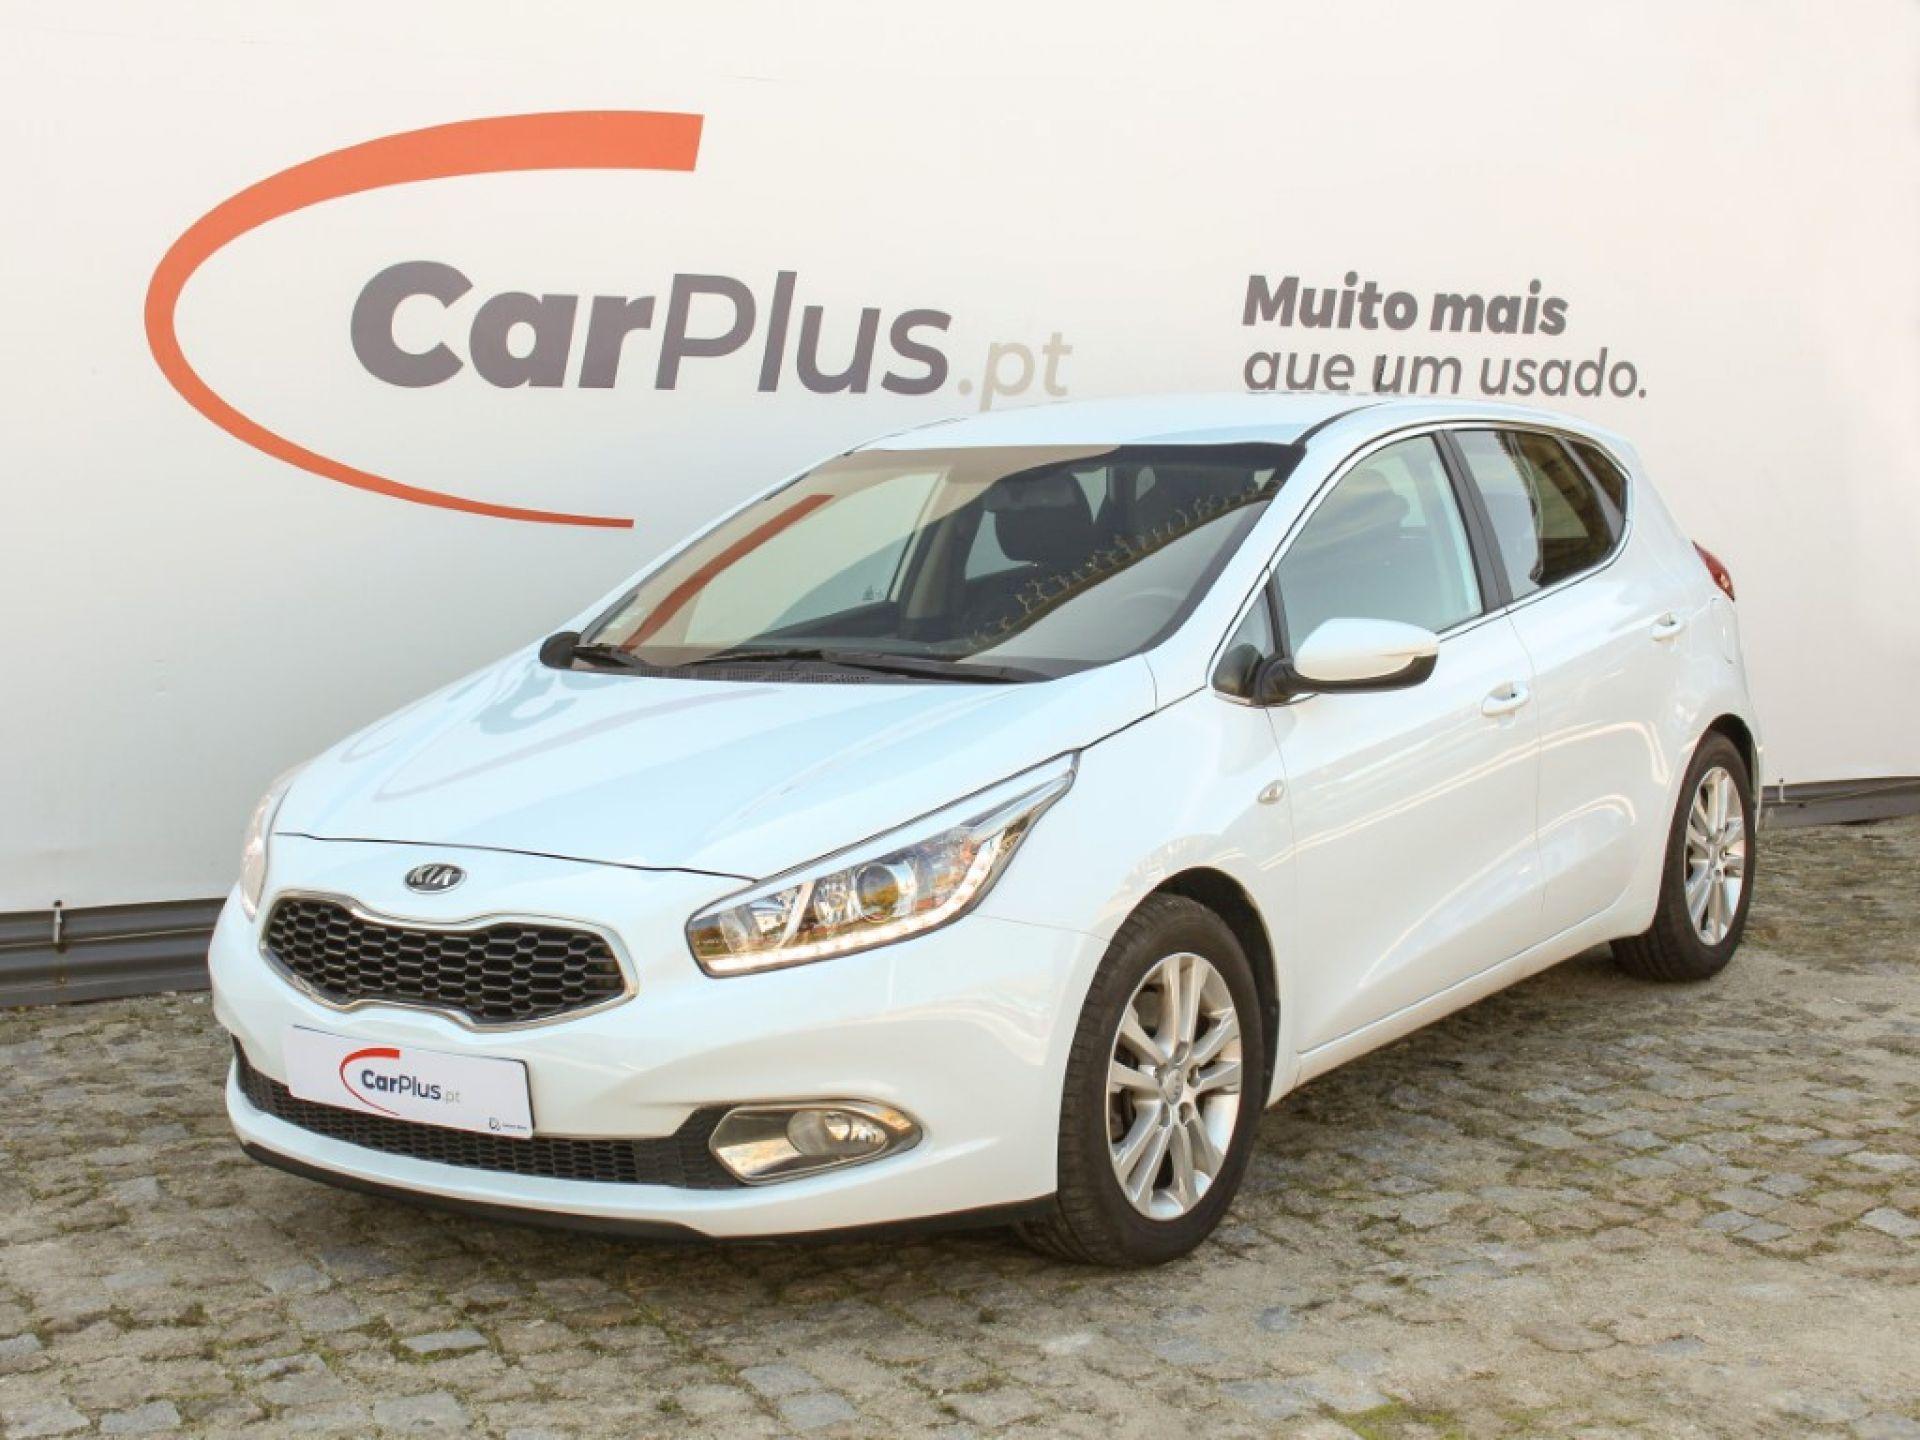 Kia Ceed 1.6 CRDI ISG ECO 128 CV segunda mão Porto